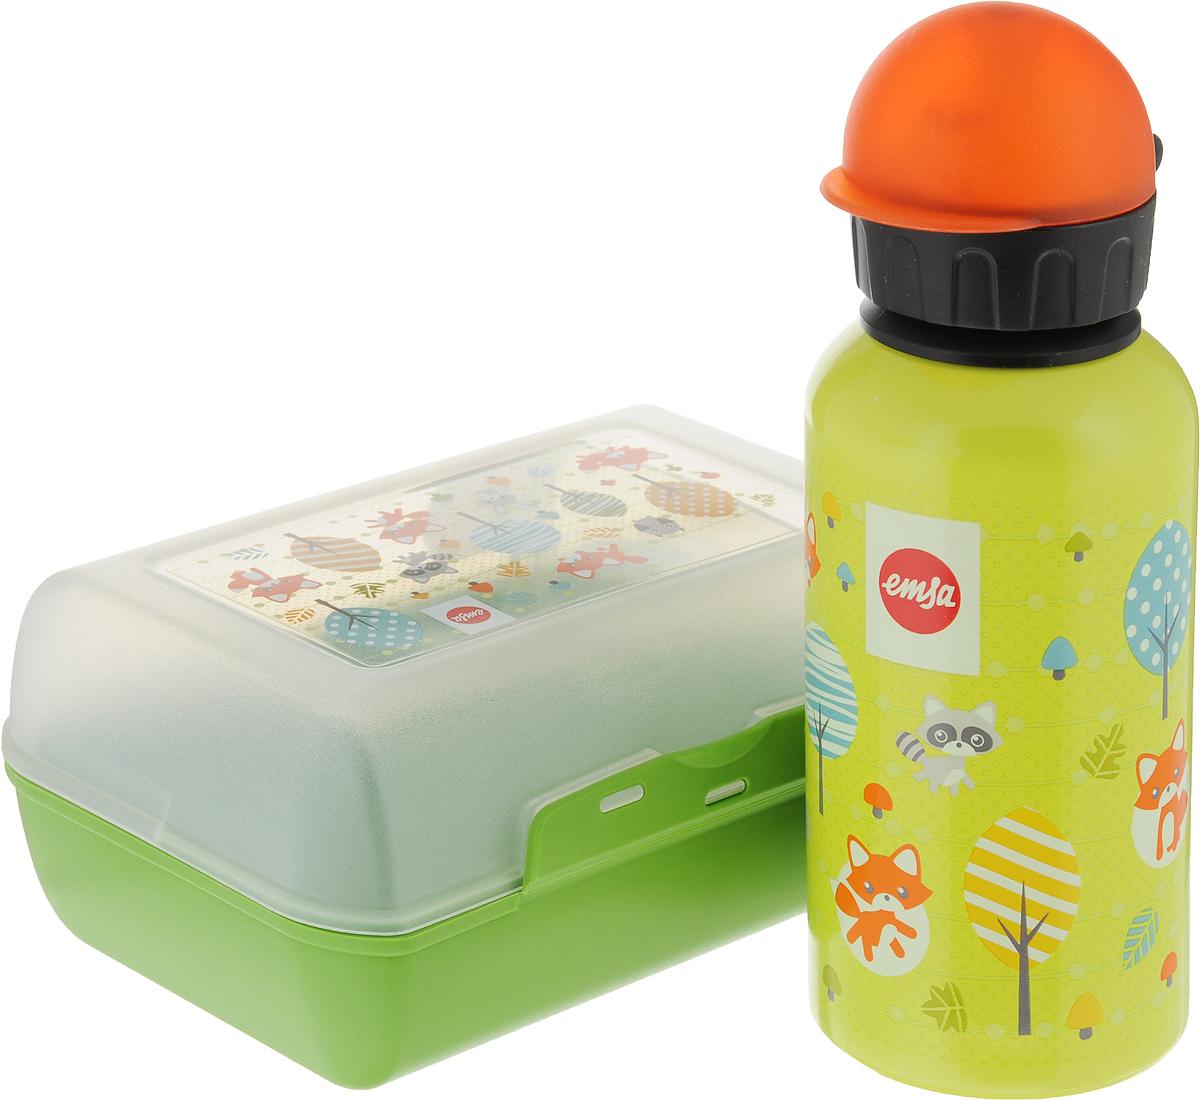 Ланч-бокс Emsa Fox Kids, с фляжкой, цвет: салатовый517226_салатовыйЛанч-бокс и фляжка Emsa Fox Kids выполнены из пищевого пластика. Ланч-бокс для детей позволяет взять даже сложный обед, из нескольких блюд, в одном компактном контейнере, так как имеет разделитель. Контейнер надежно закрывается на клипсу.Фляга изготовлена из алюминия и покрыта специальным составом, который препятствует окислению. В нее можно заливать не только воду, но и соки, чай и другие напитки. Из фляги очень удобно пить, а крышка закрывается абсолютно герметично.